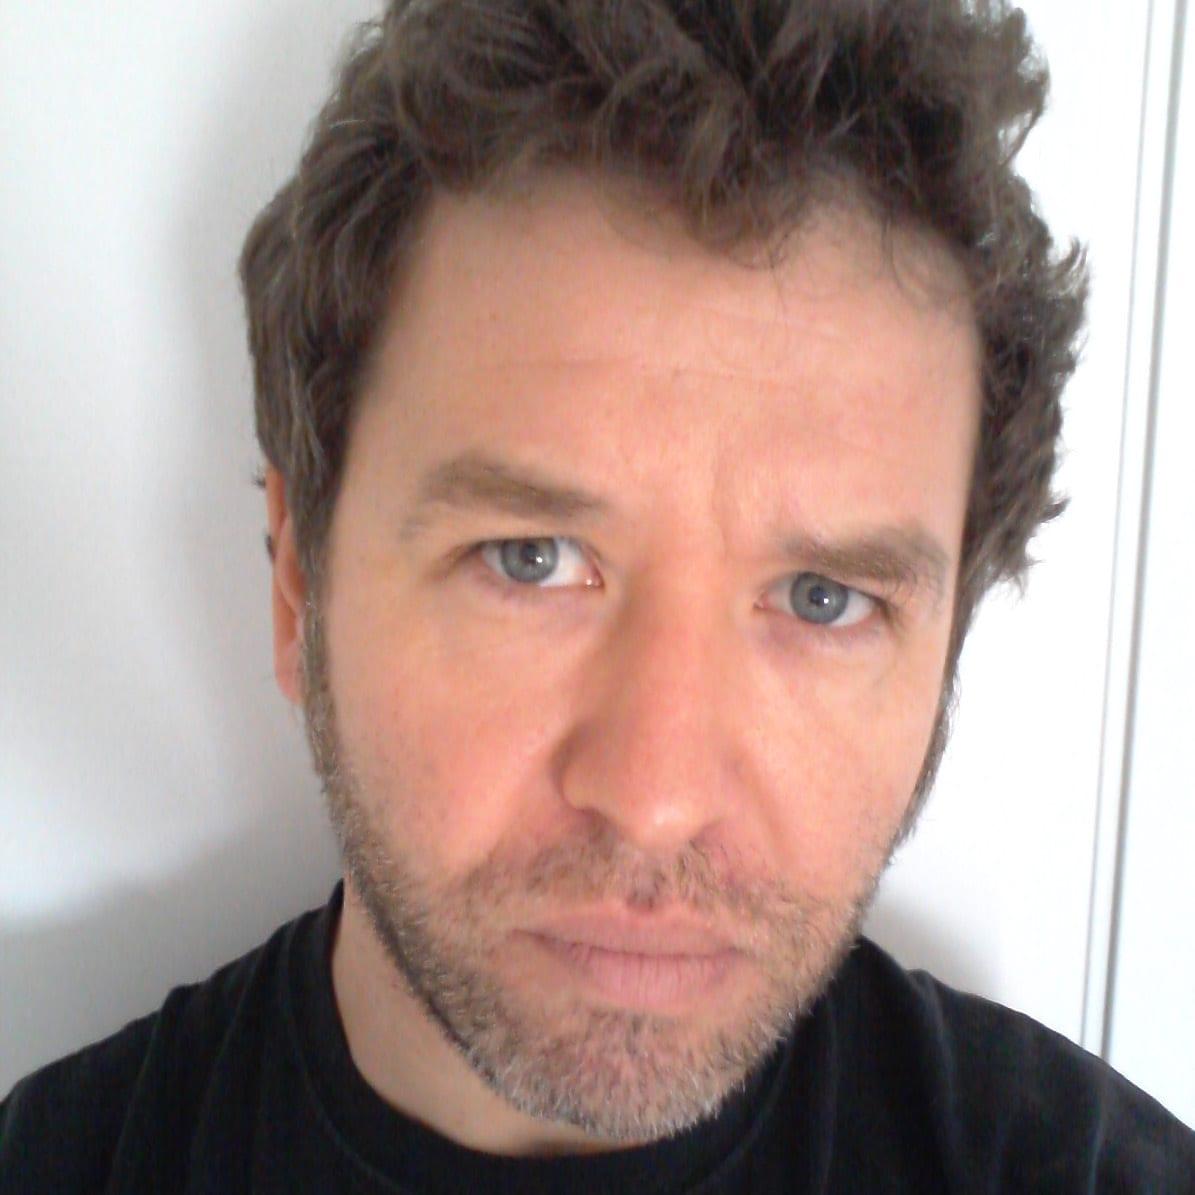 Agustín Ríos Vázquez